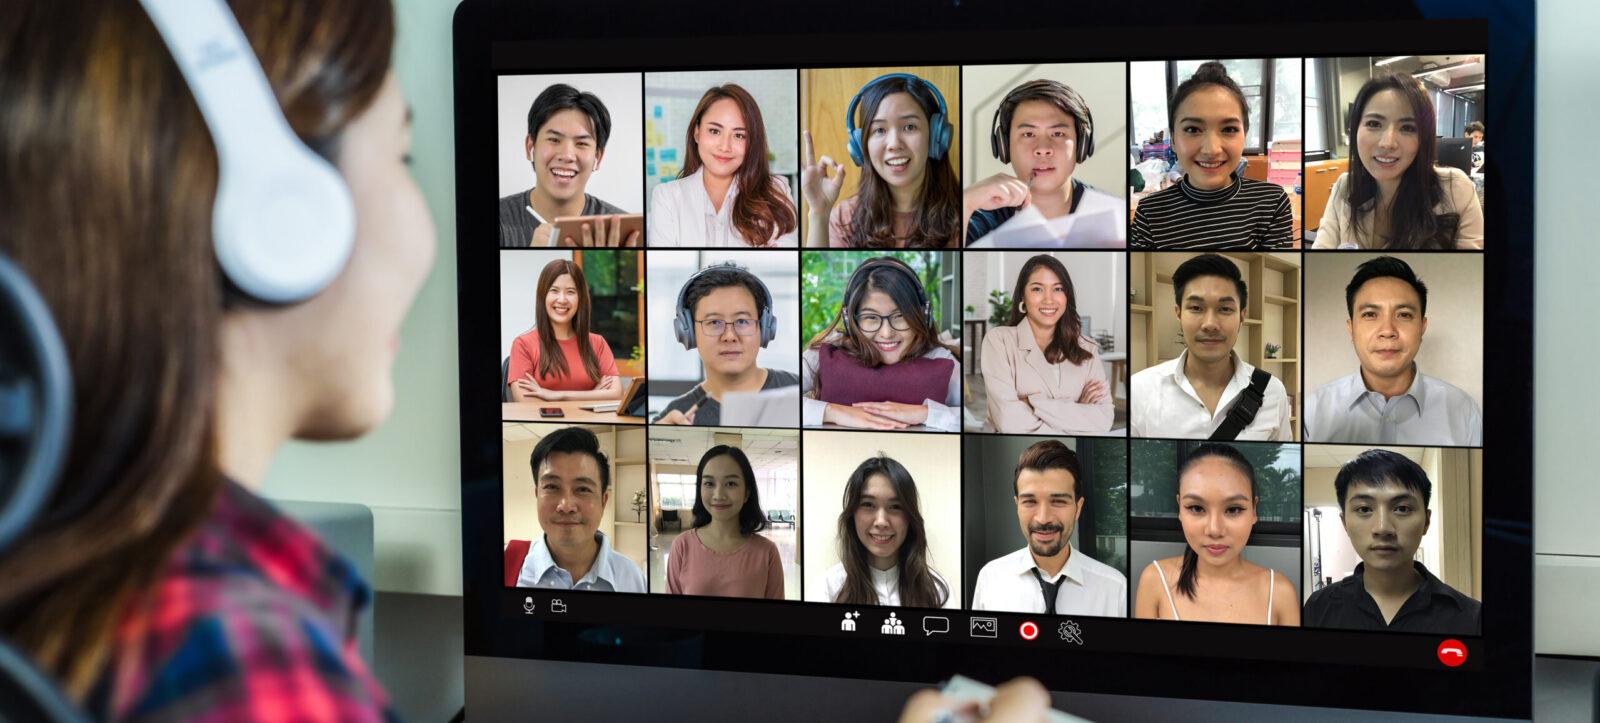 Meetings and Webinars